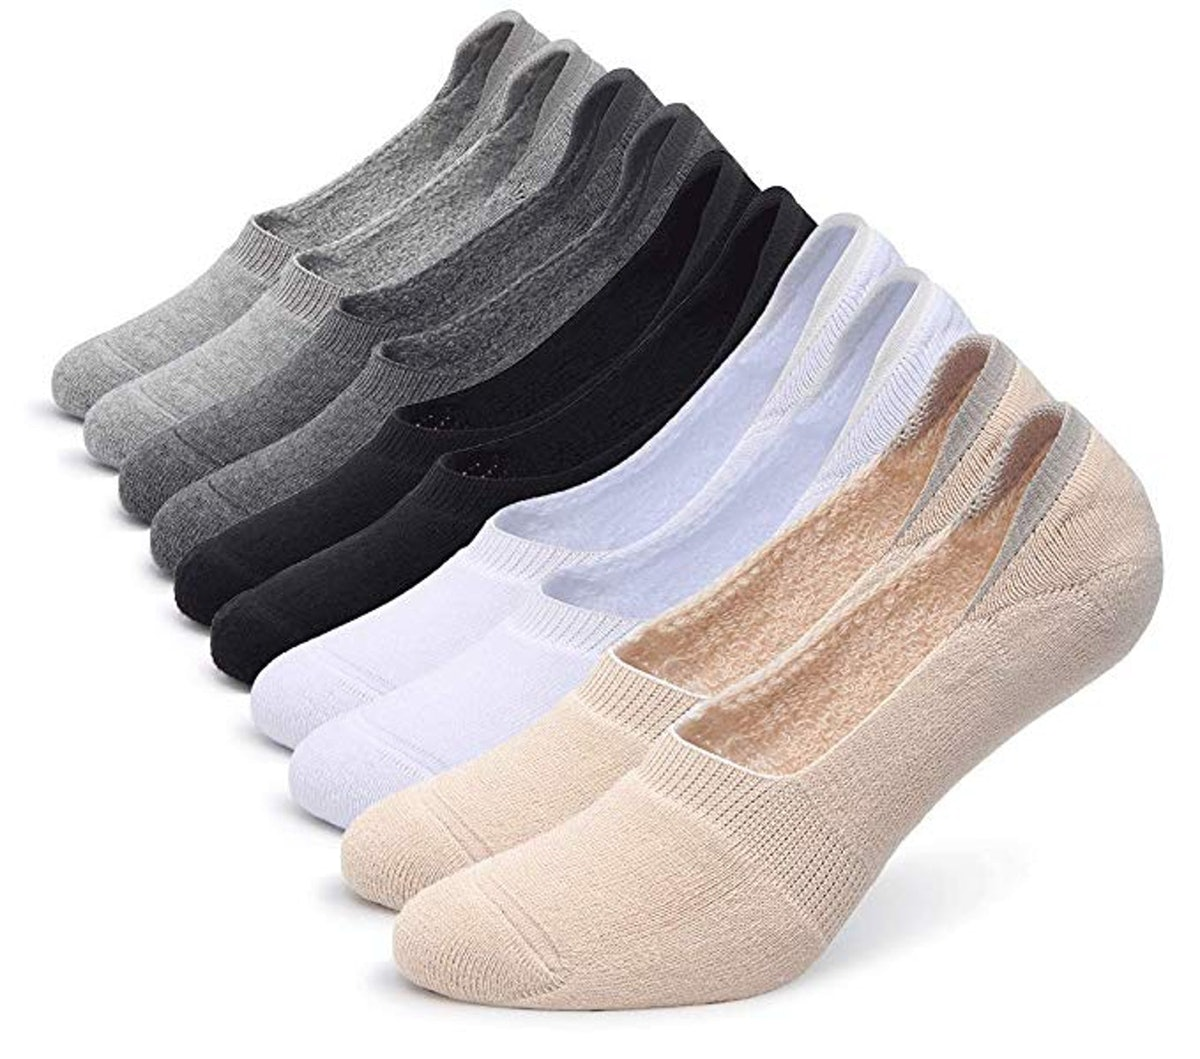 Pareberry Women's Low-Cut Socks (10-Pack)